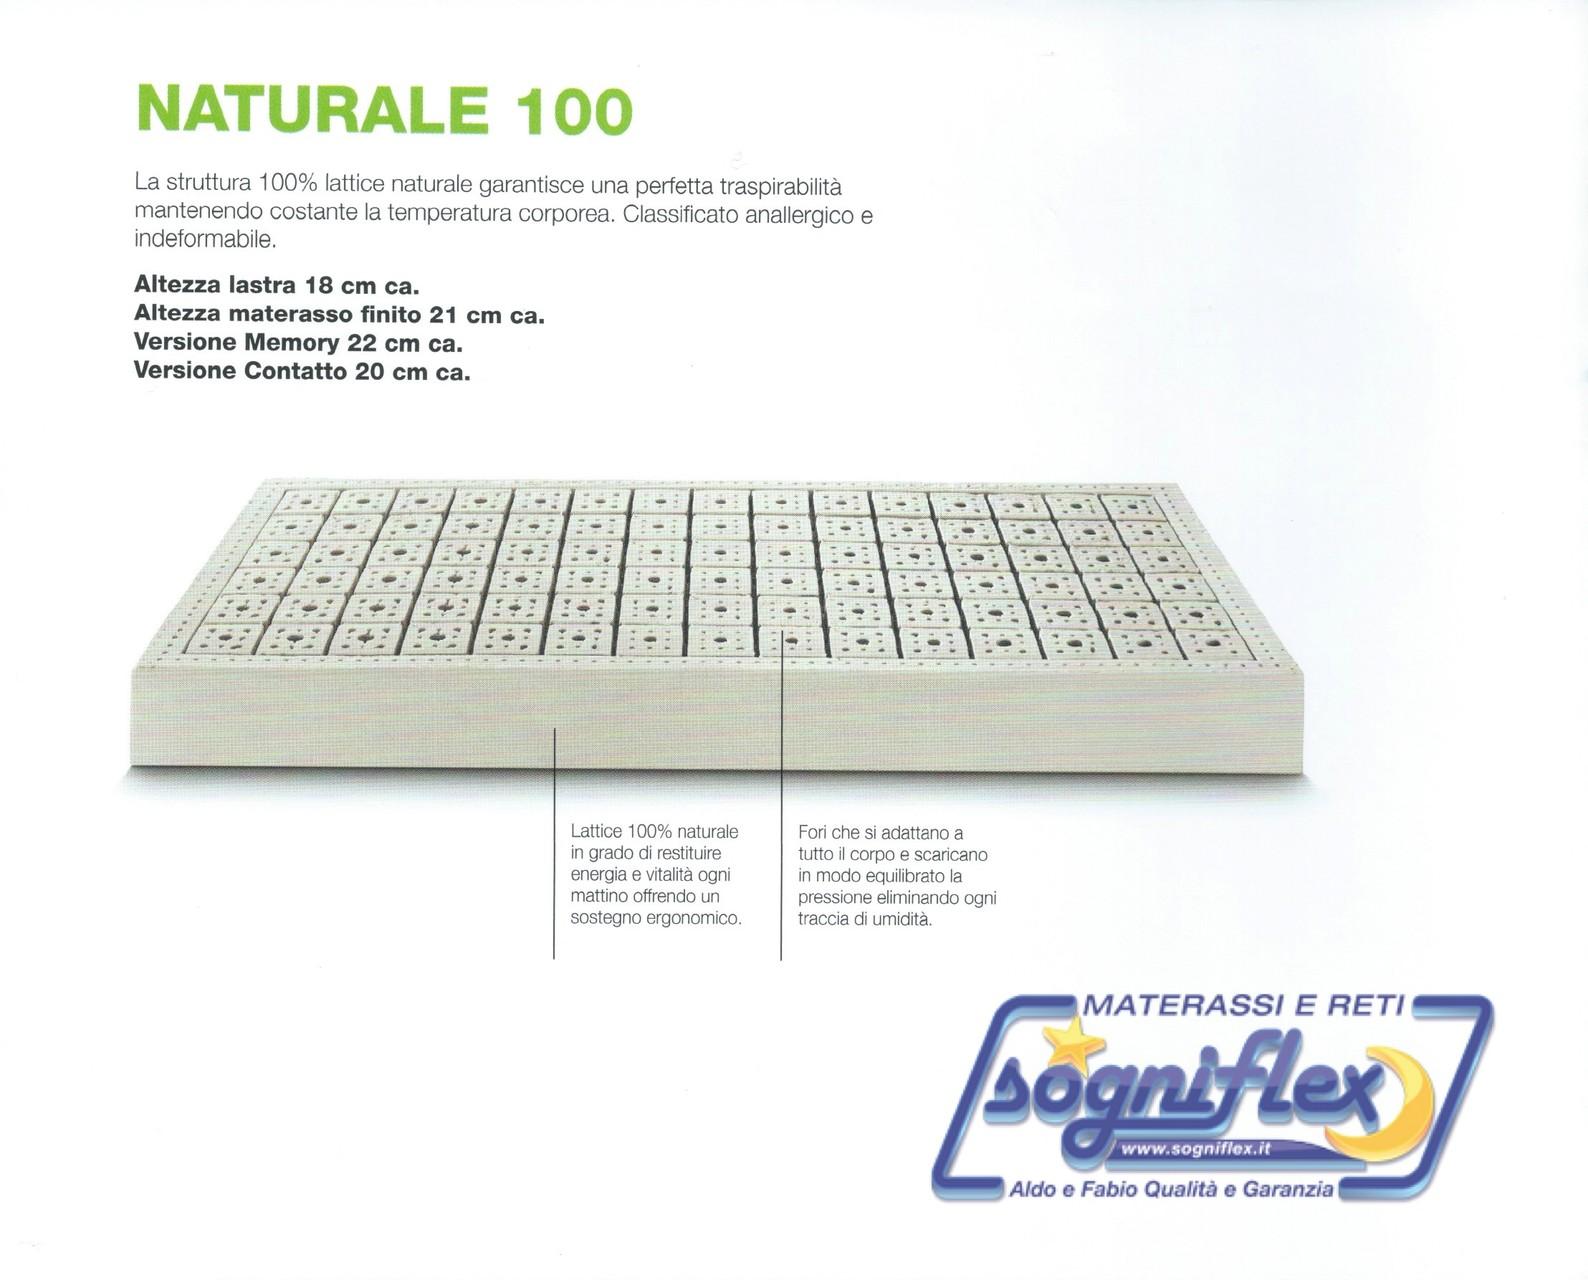 Materasso Naturale 100